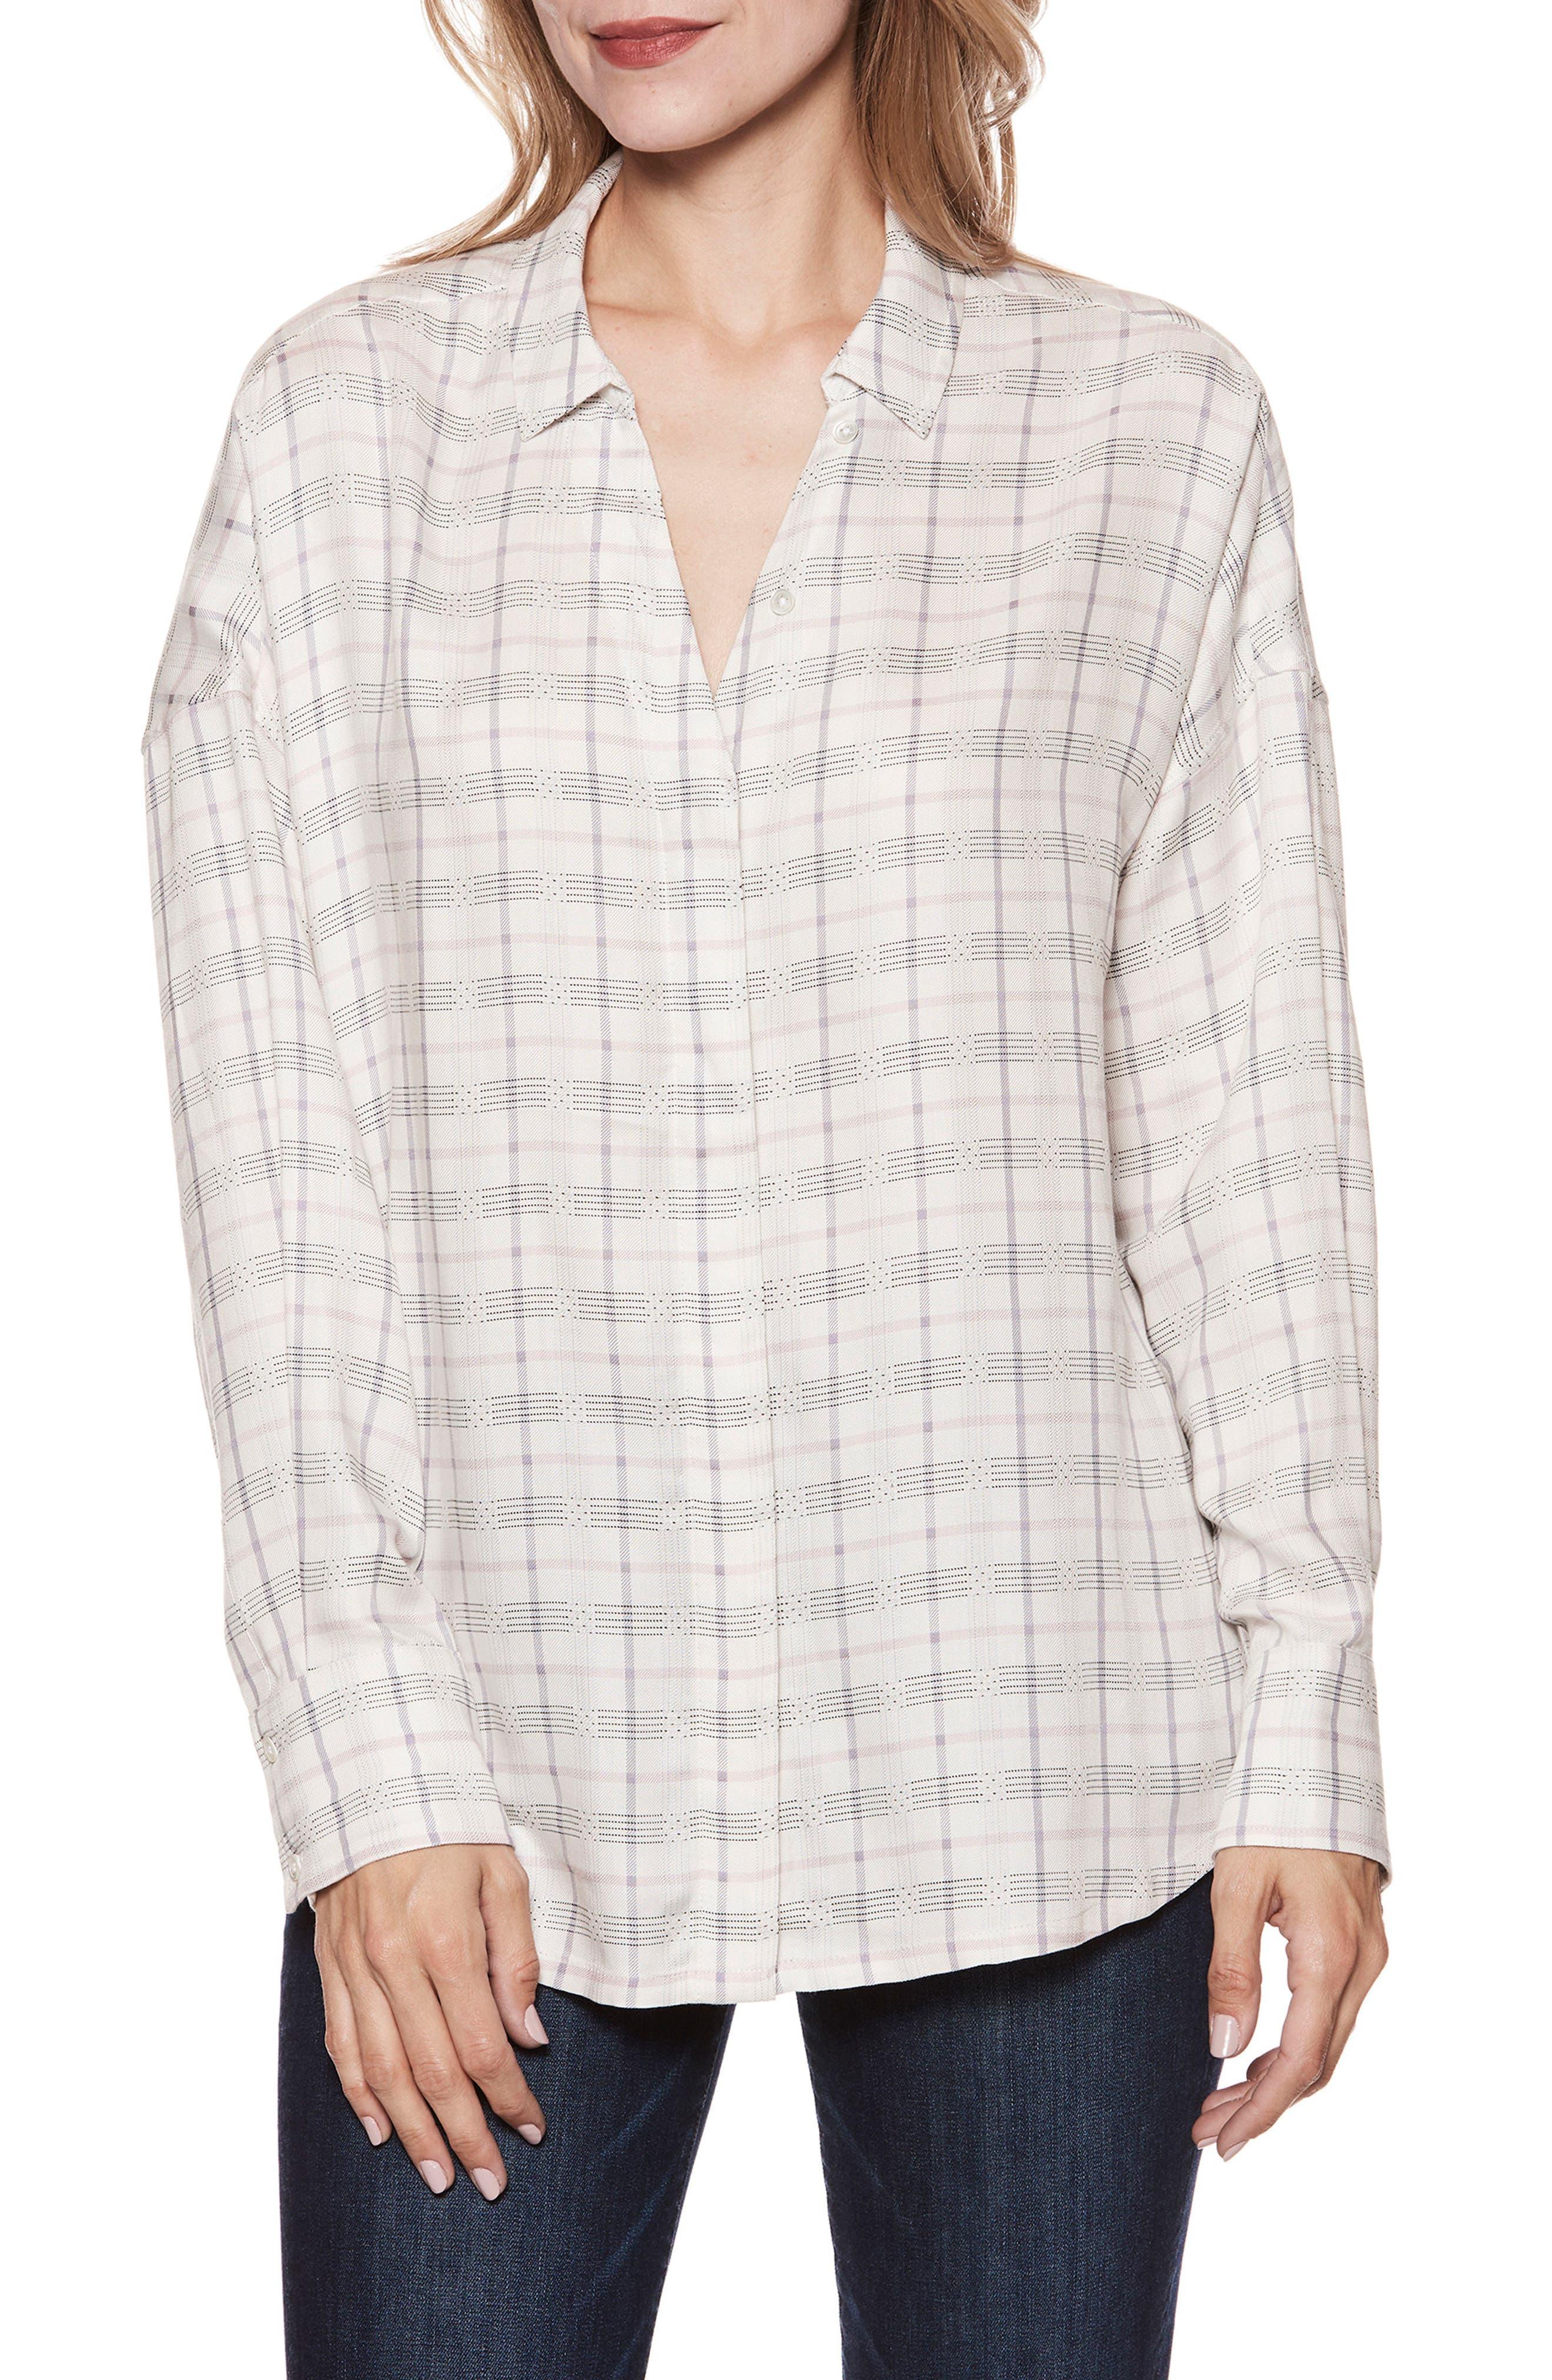 Delisa Check Shirt,                             Main thumbnail 1, color,                             White/ Lilac